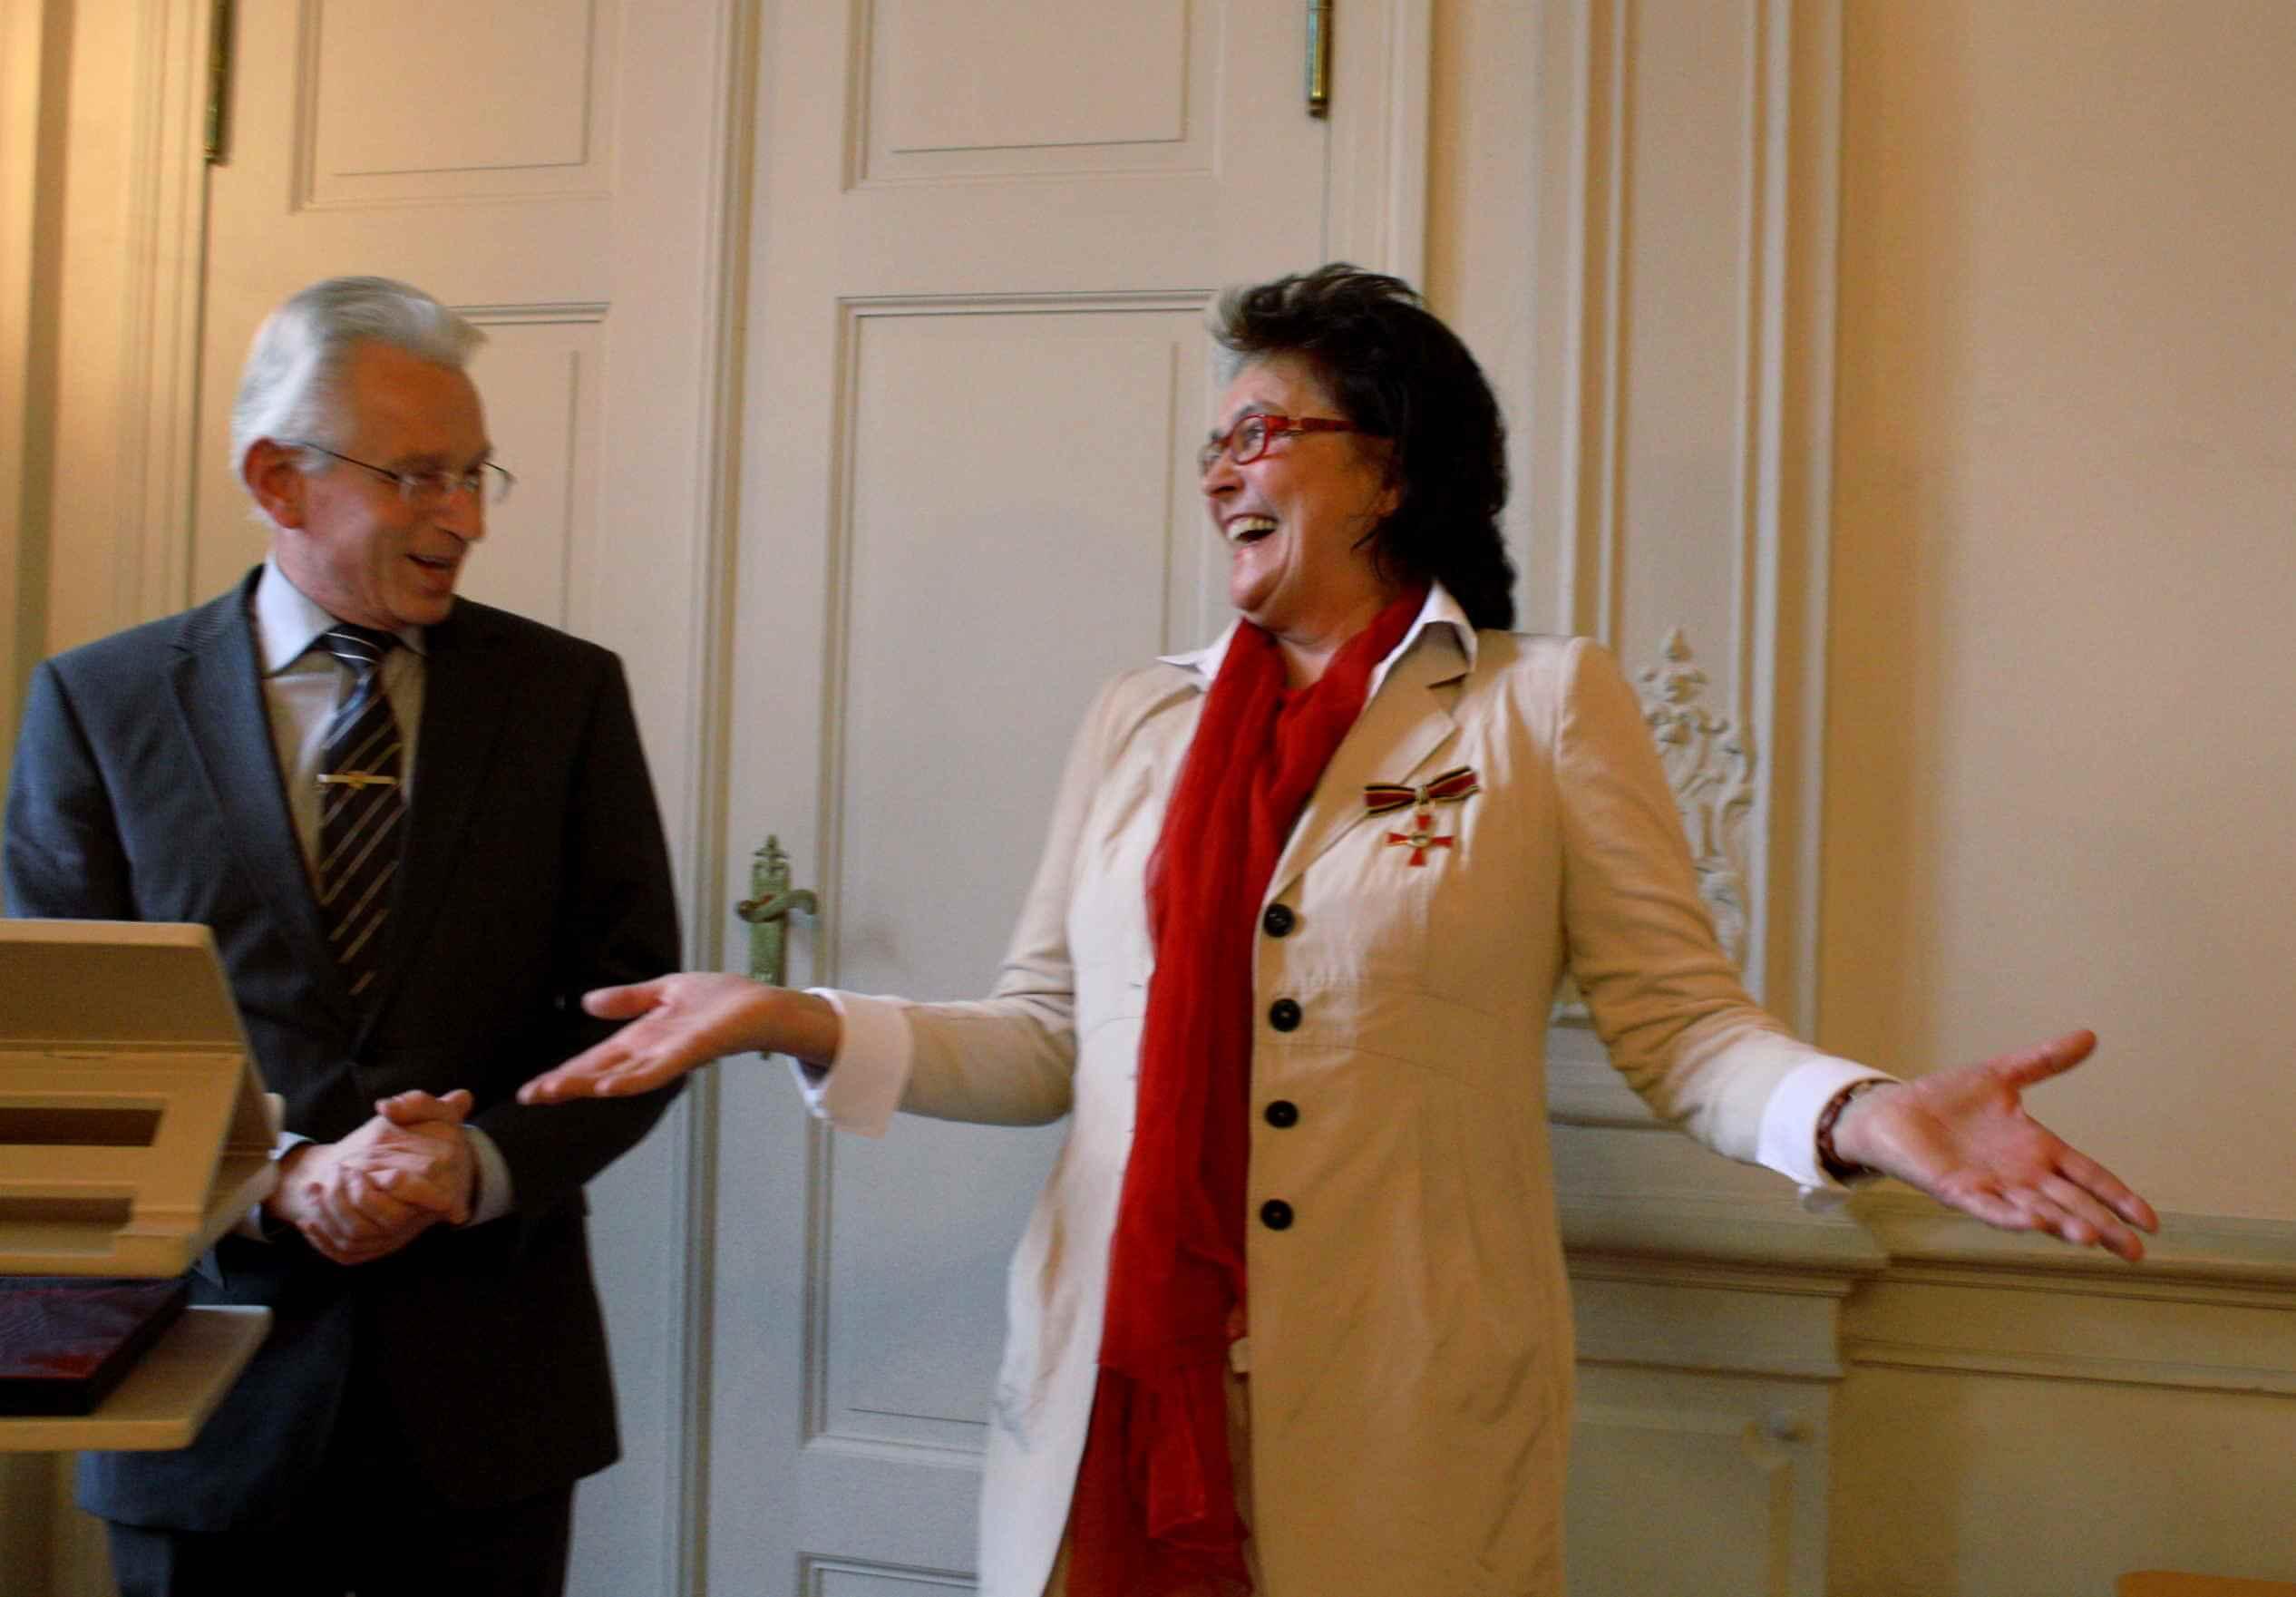 Auszeichnung für Jugendnotmail: Claudine Krause erhält Bundesverdienstkreuz